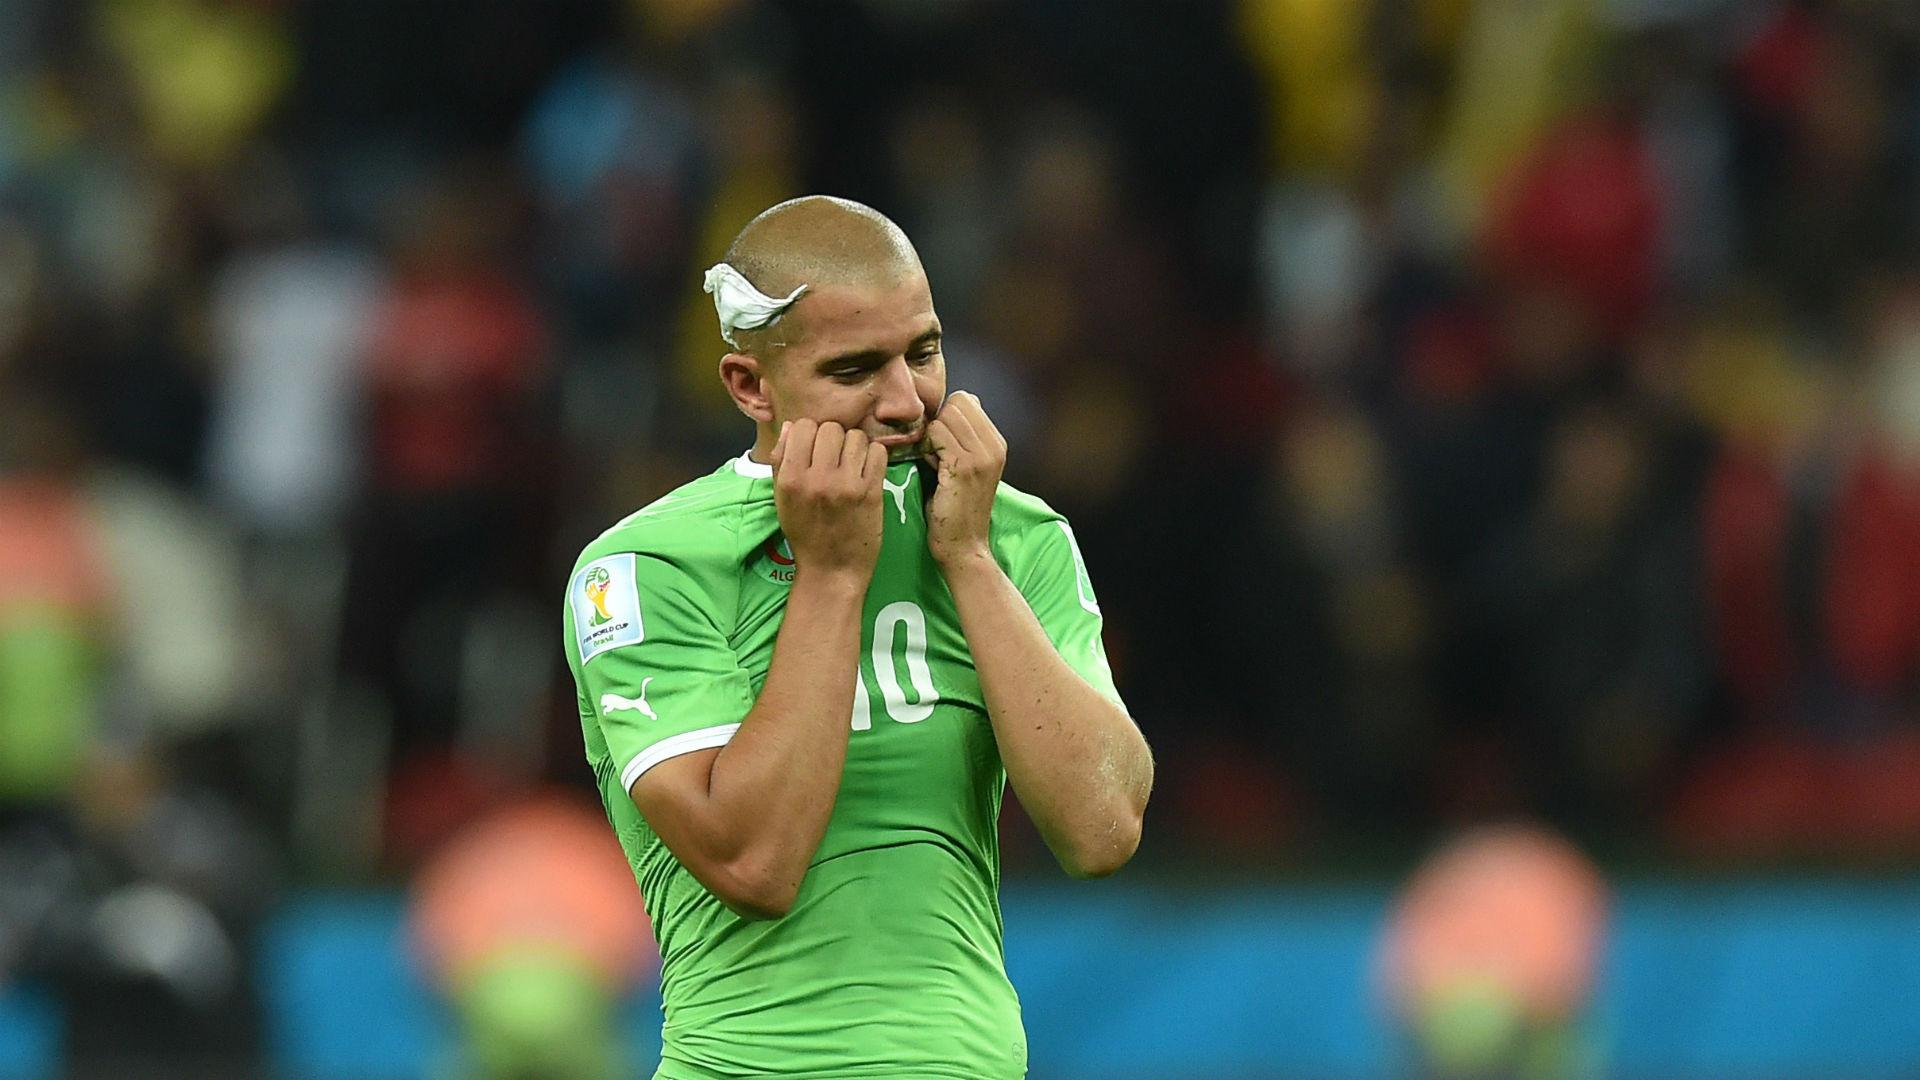 Video: Afcon 2019 - Algeria vs Kenya